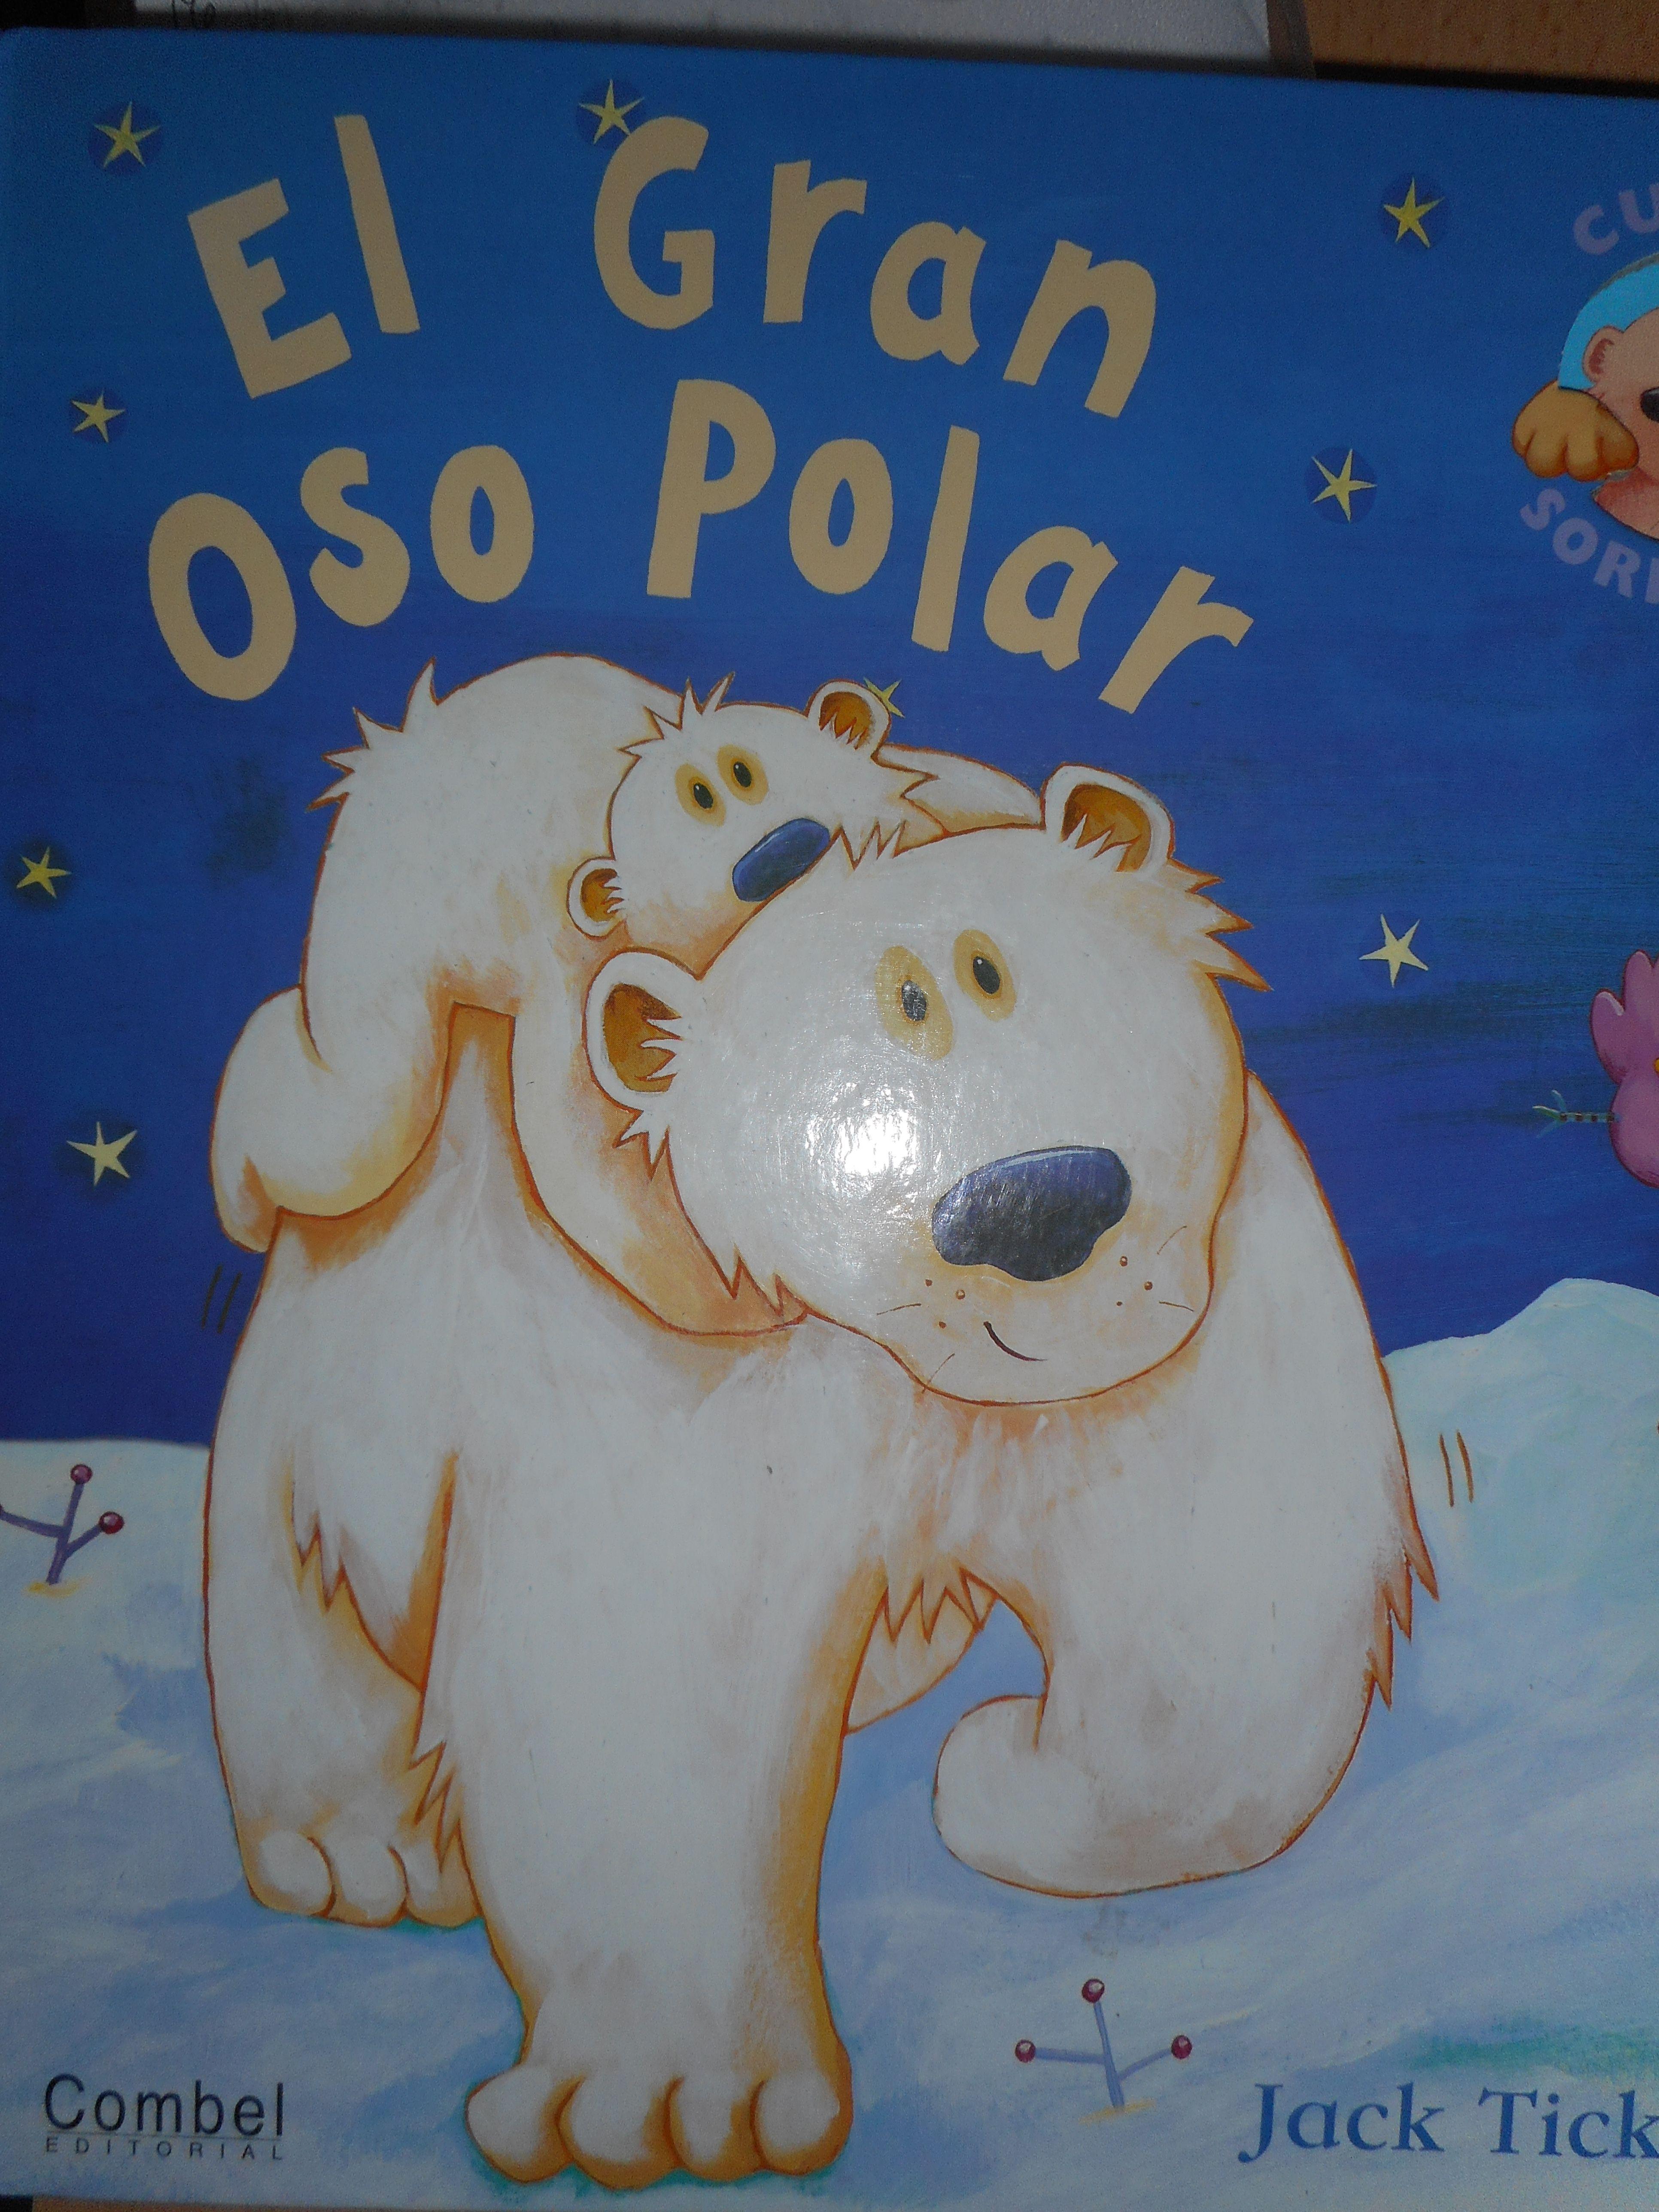 cuento sobre oso polar